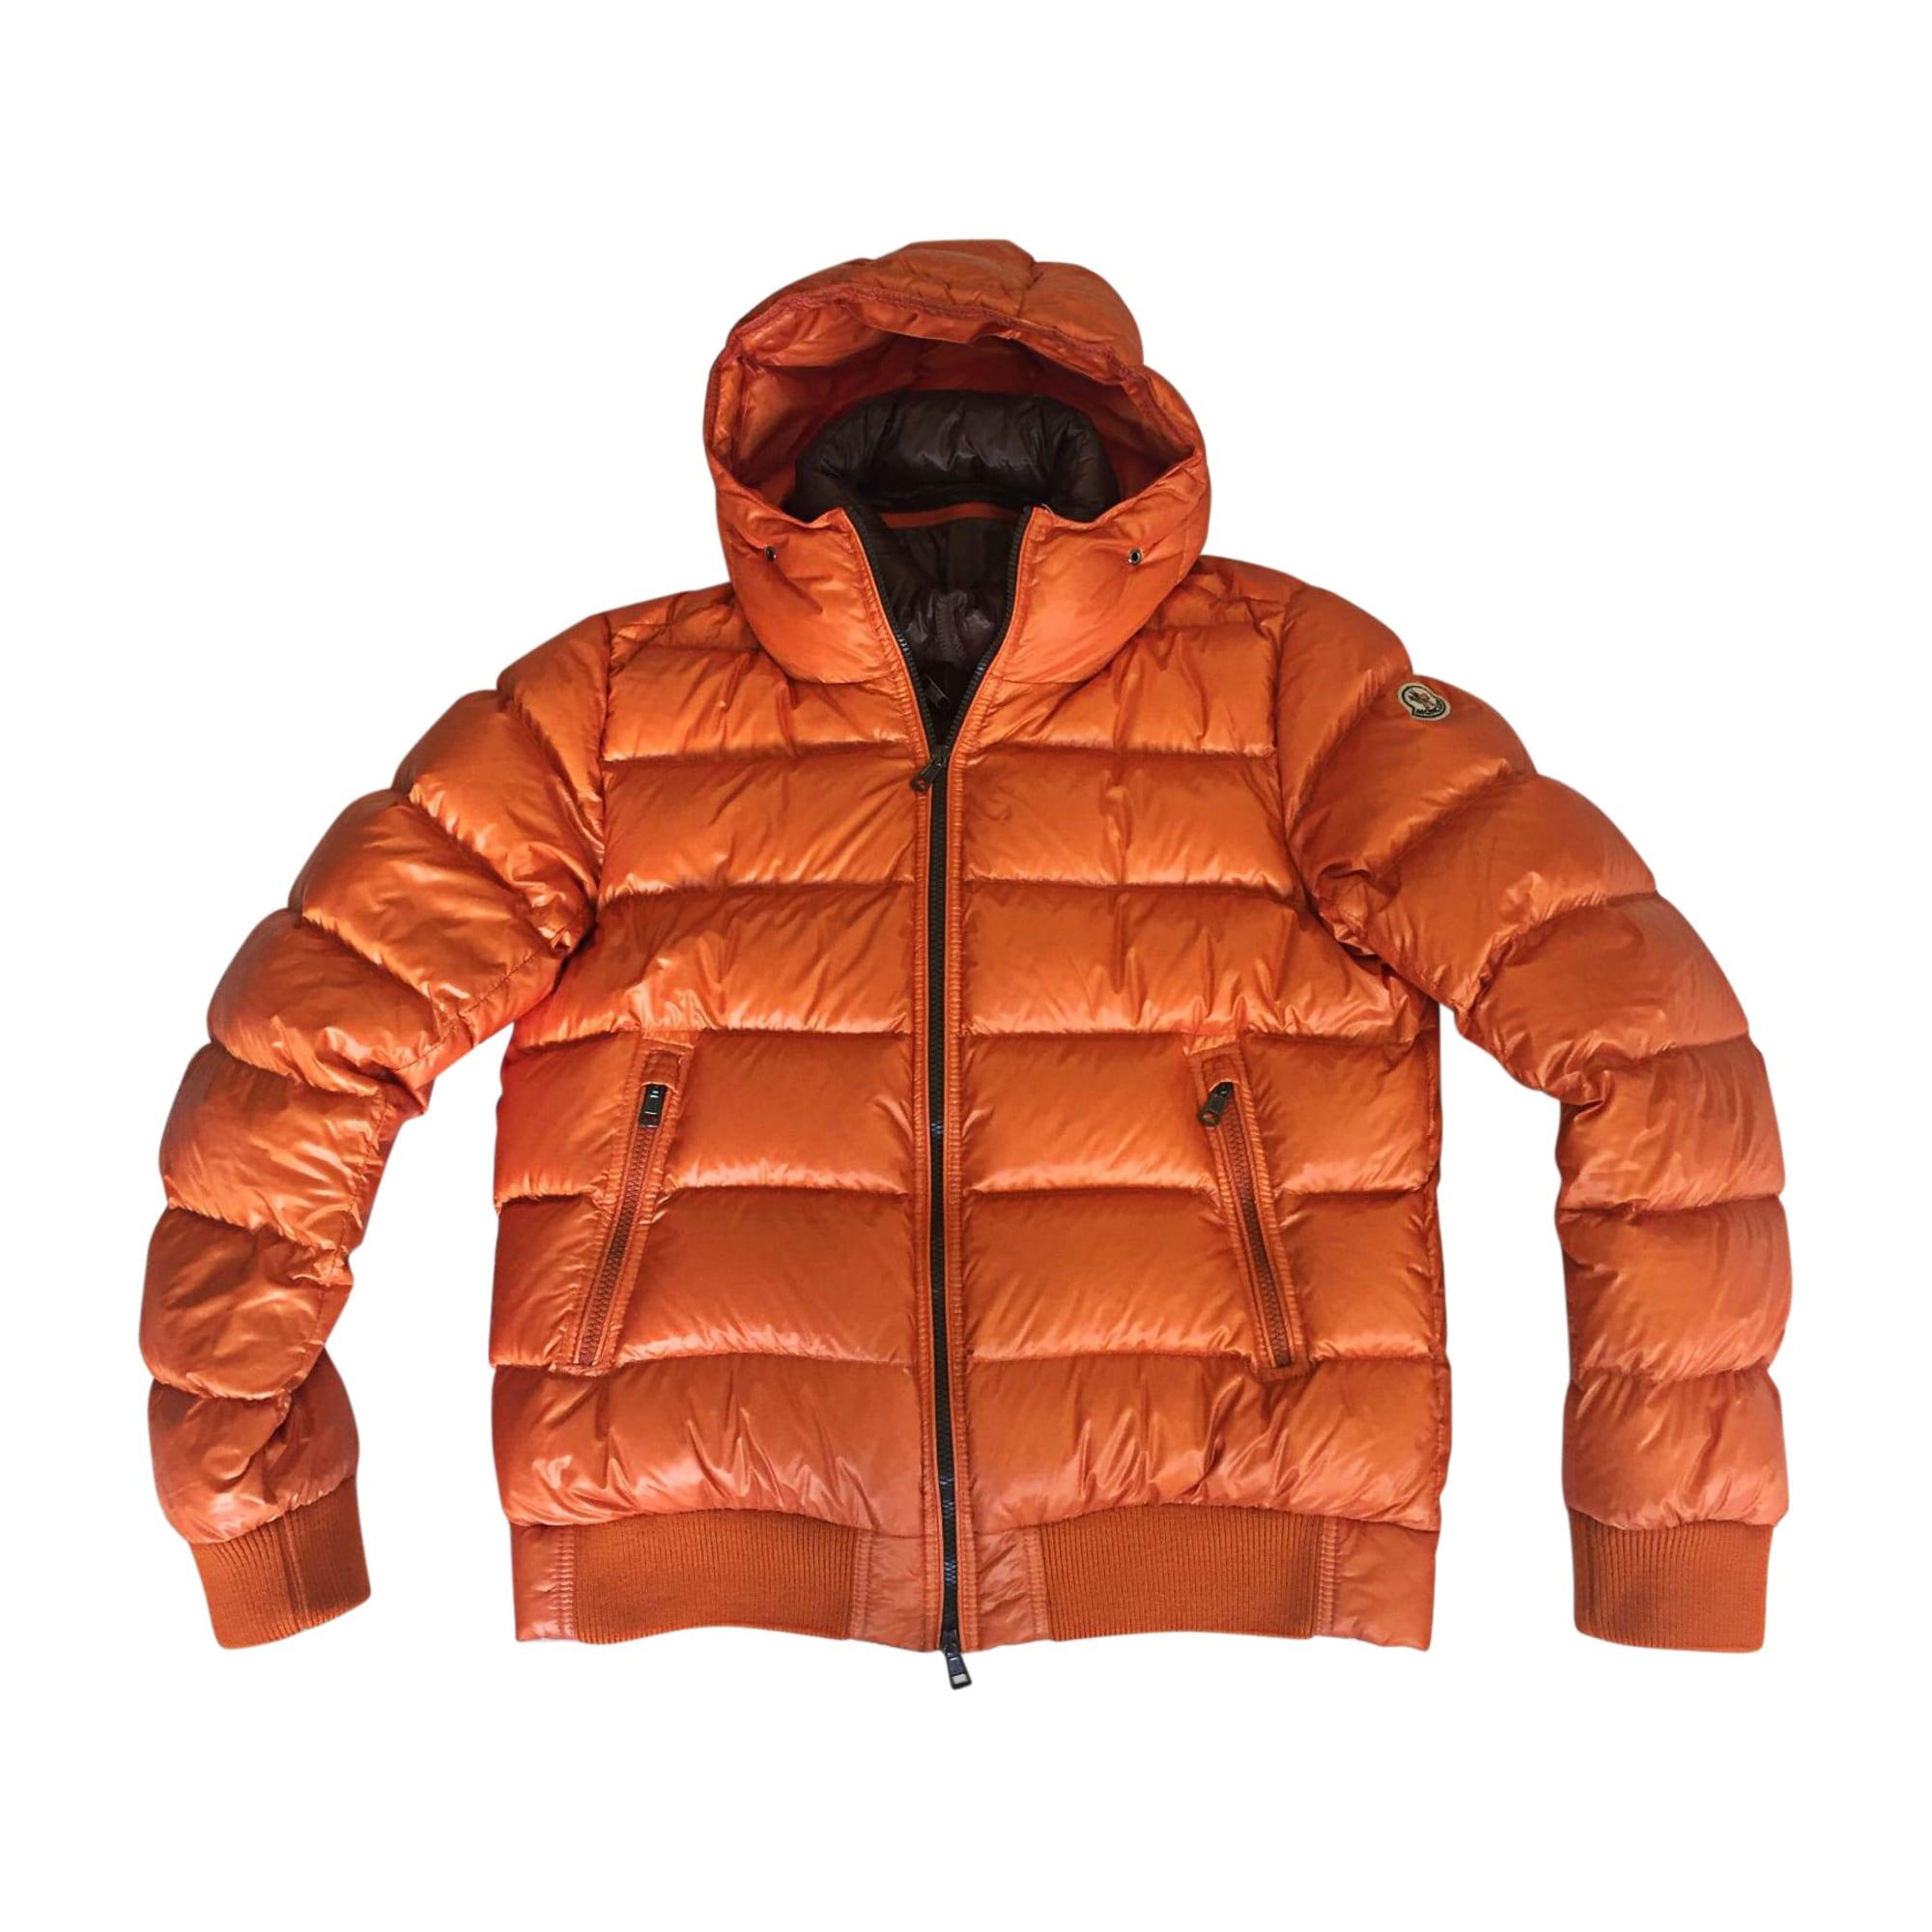 Doudoune MONCLER 52 (L) orange vendu par Banderier 2 - 8060248 4c0ee006b3c